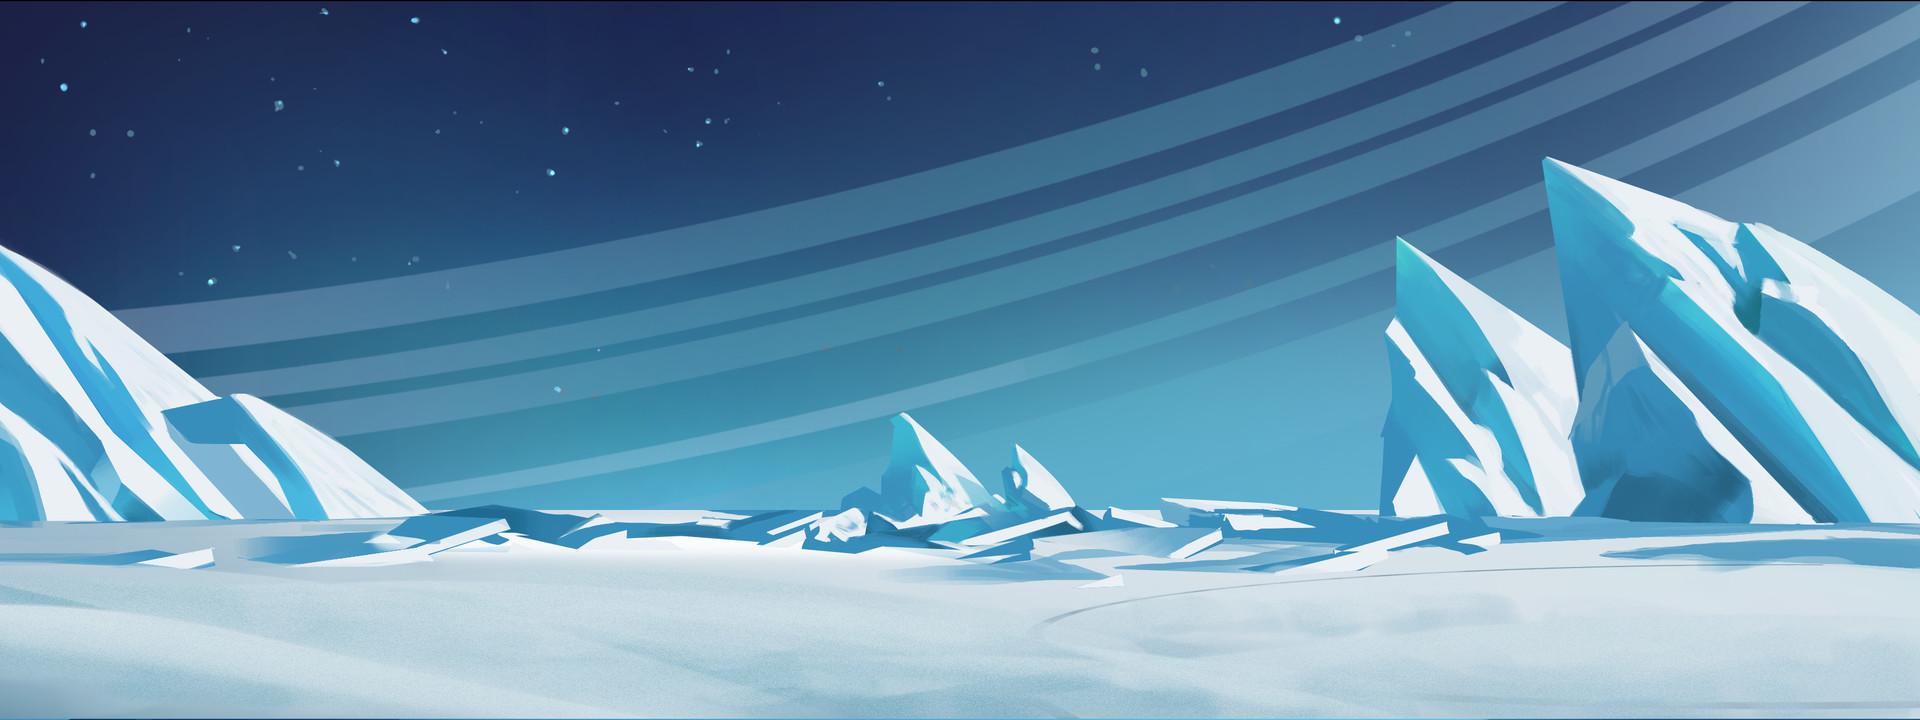 Samma van klaarbergen ice1